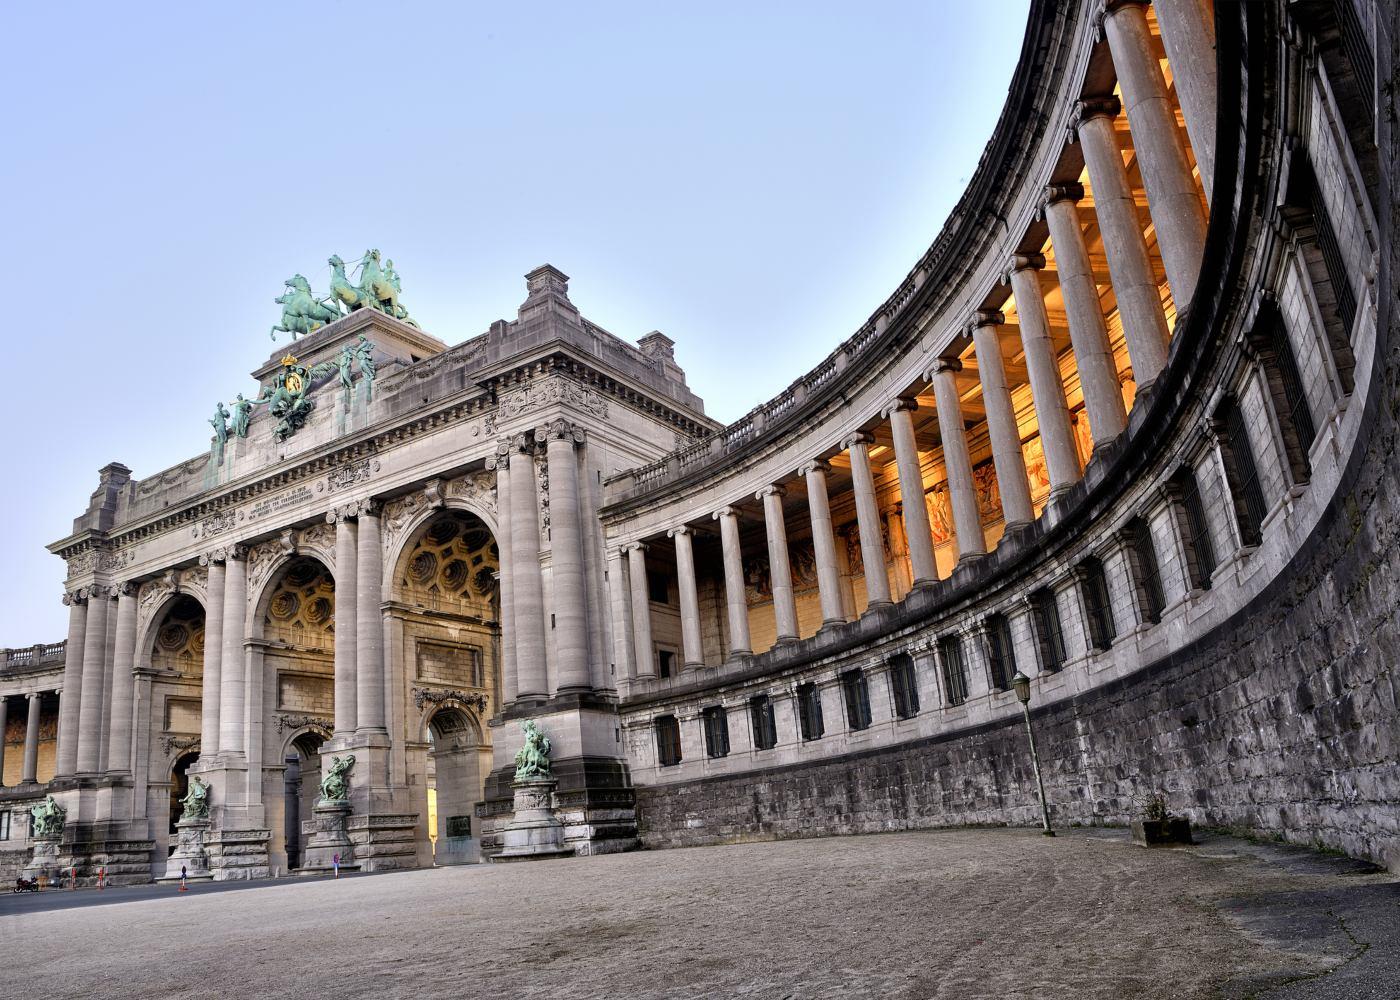 Arco do triunfo em Bruxelas